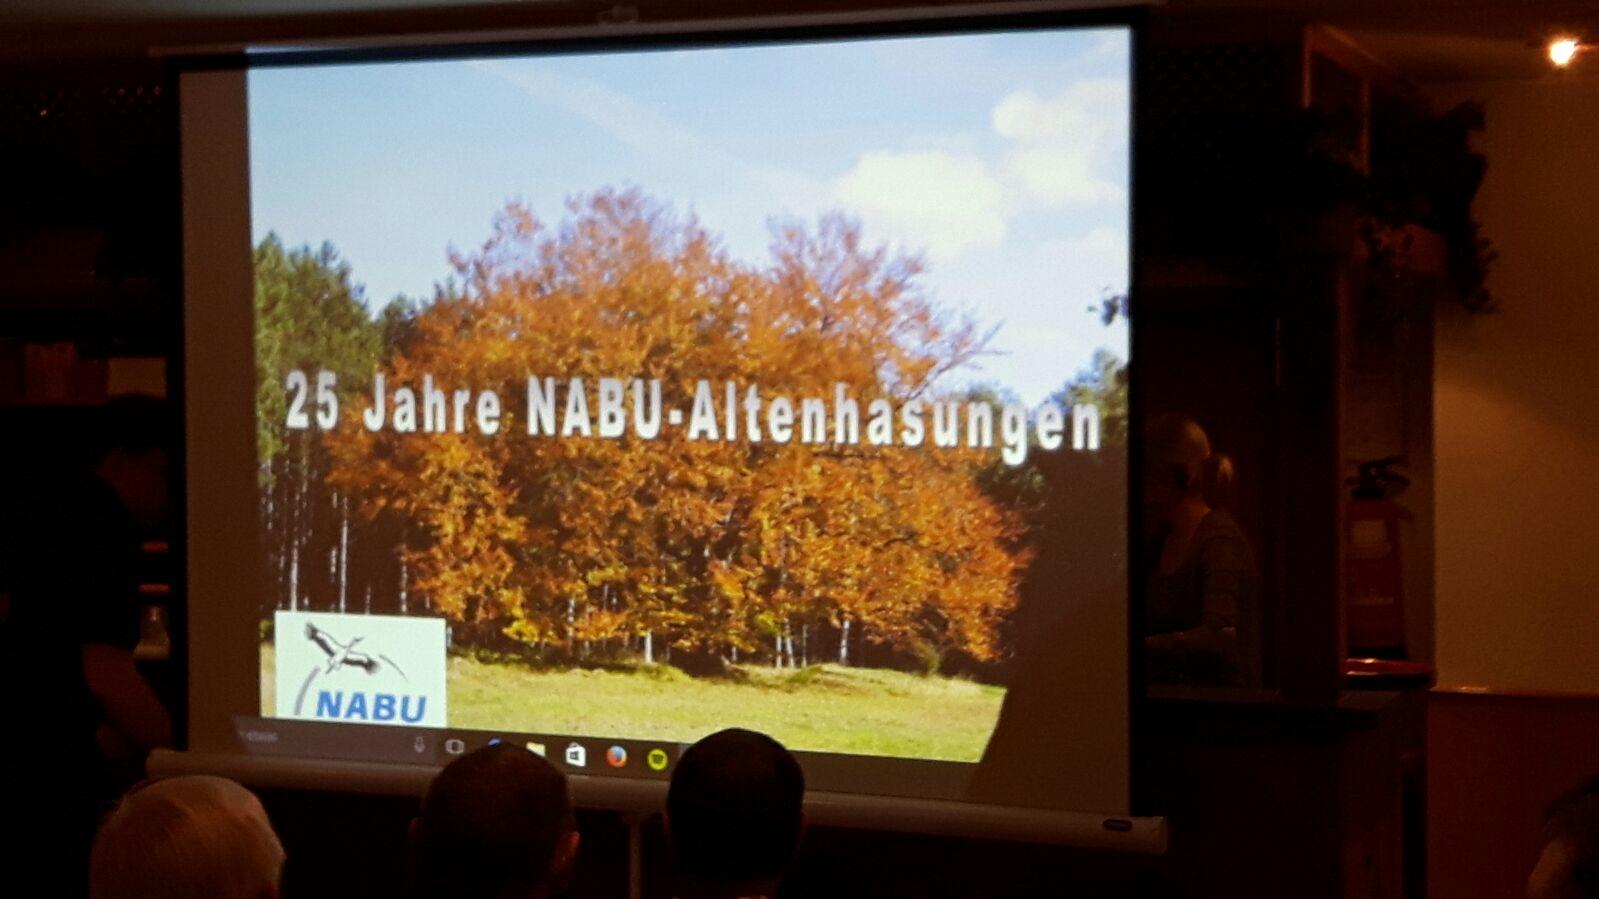 25 Jahre Nabu Altenhasungen